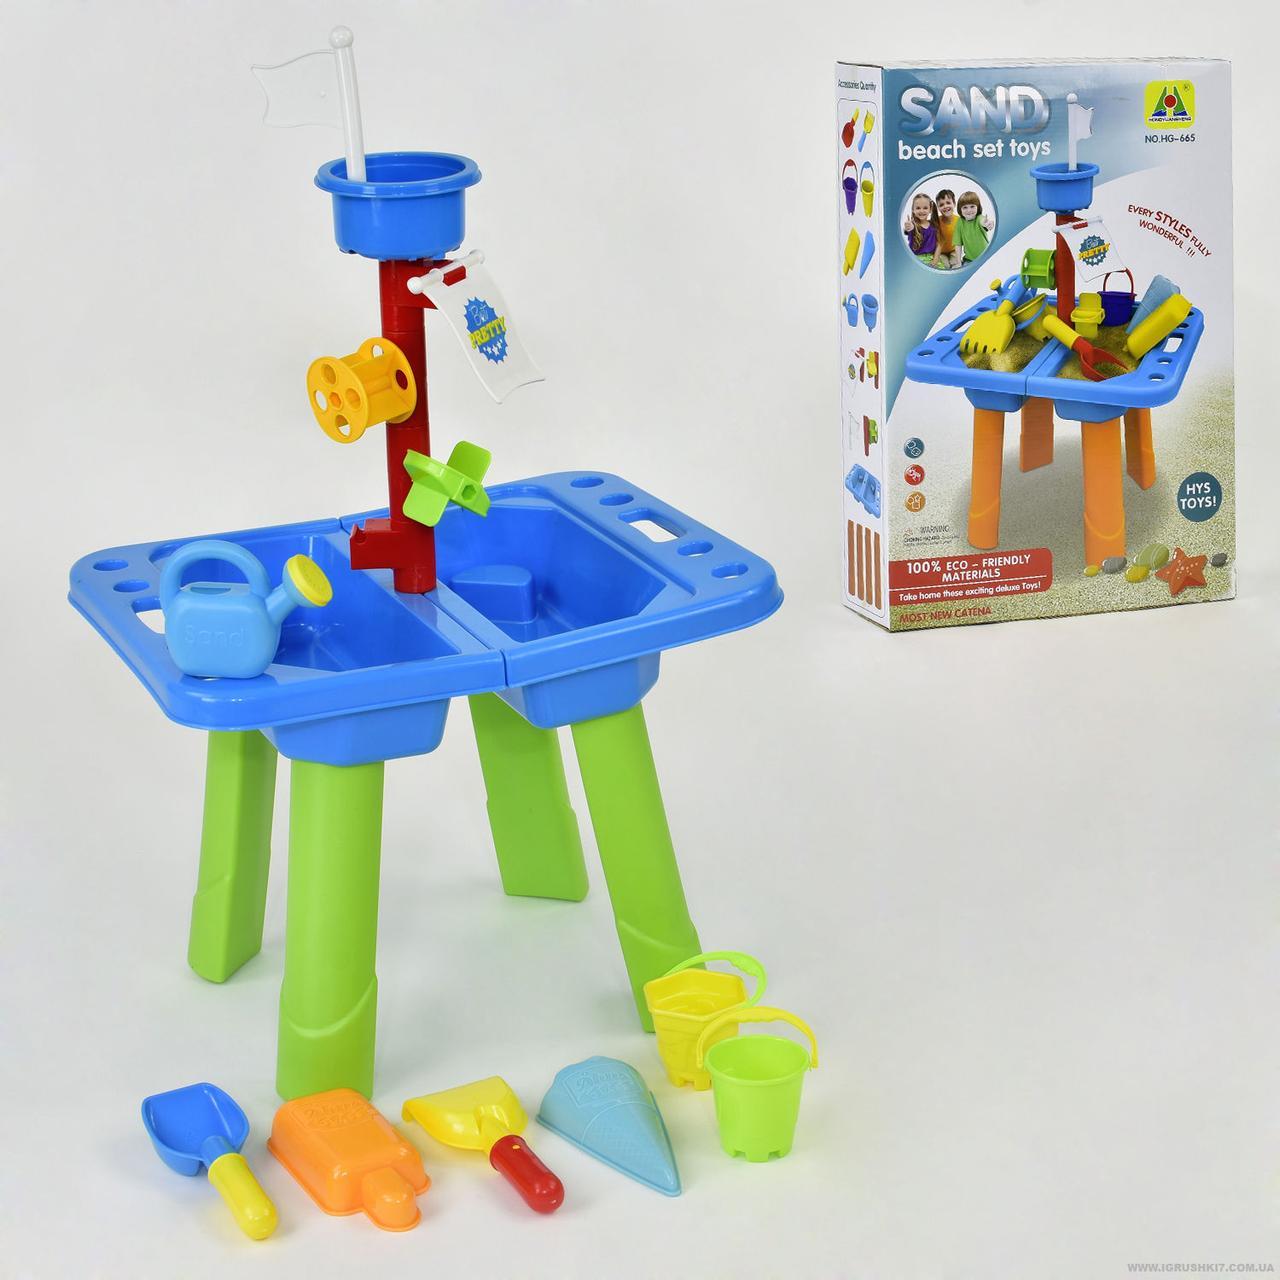 Детский игровой столик для песка и воды HG 665 с аксессуарами